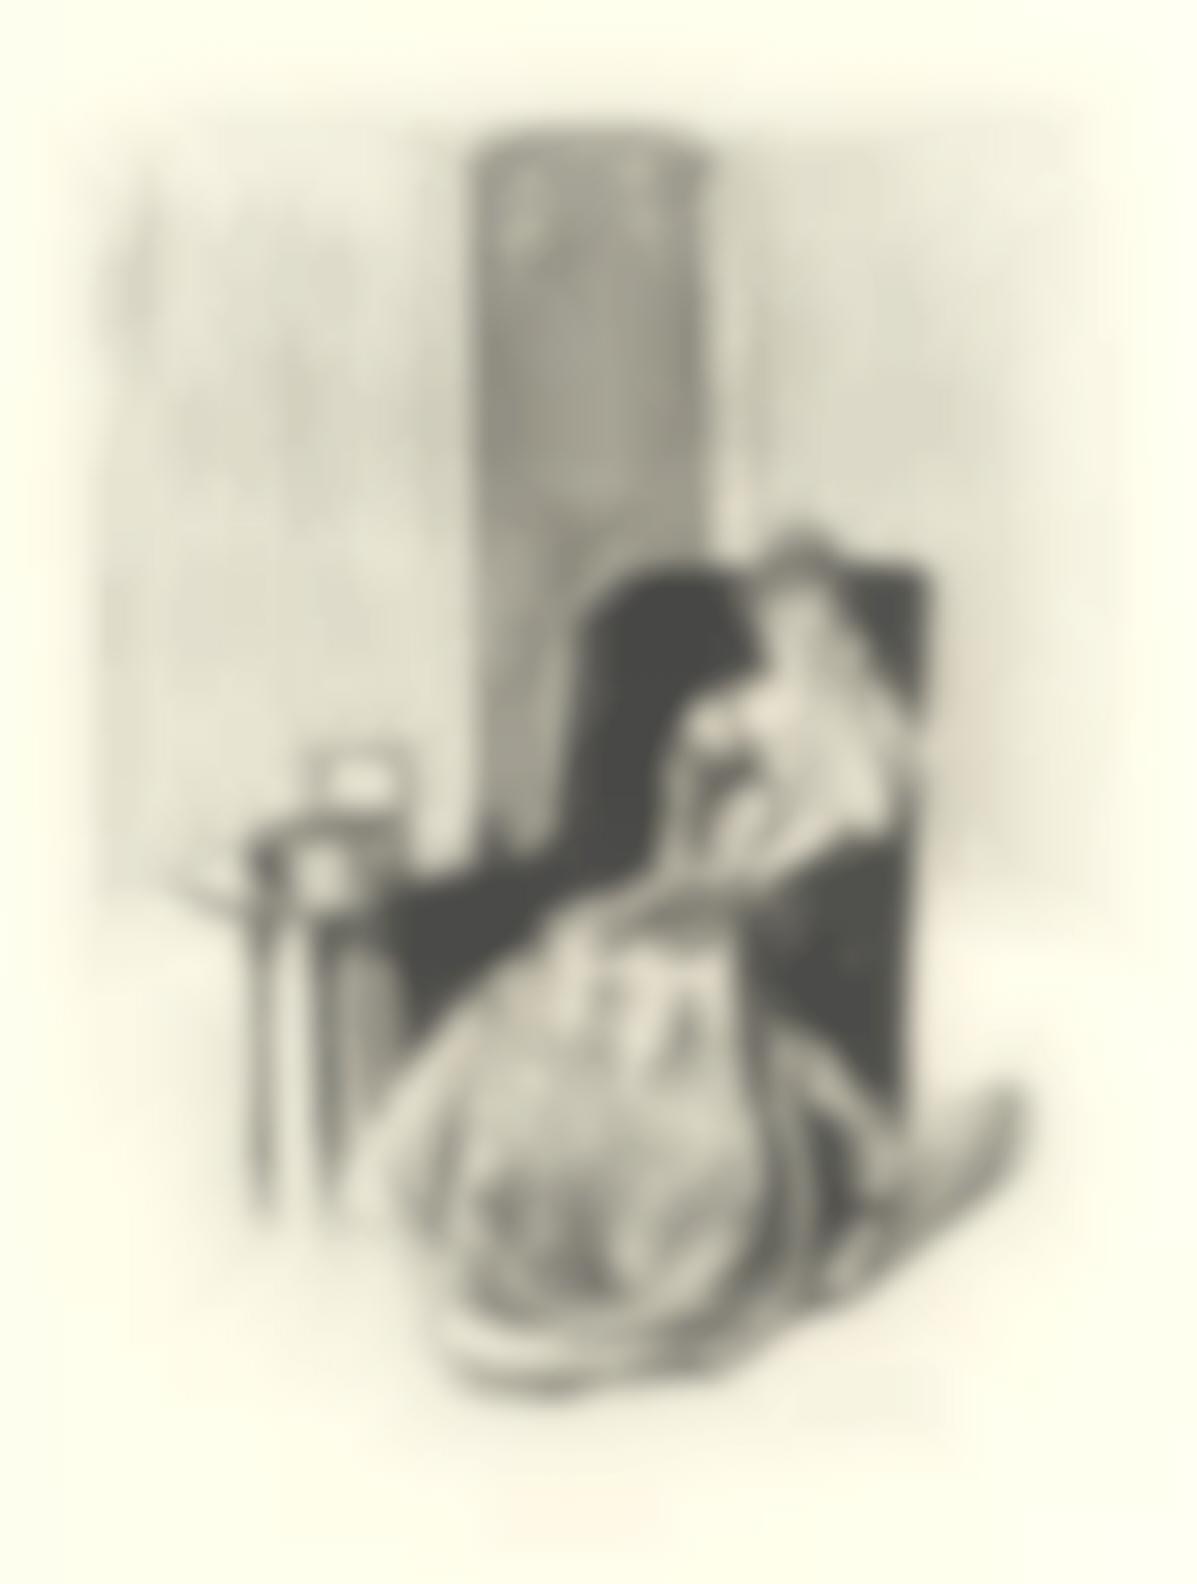 Ethel Gabain - Si Les Bijoux Etaient Indiscrets (Wright 138); 'Le Coin du Canapé' (W.140), 1914, 'Music' (W.174), 1916, 'L'Invitation' (W. 191), 1917 and 'Le Roman' (W.224),1921-1921